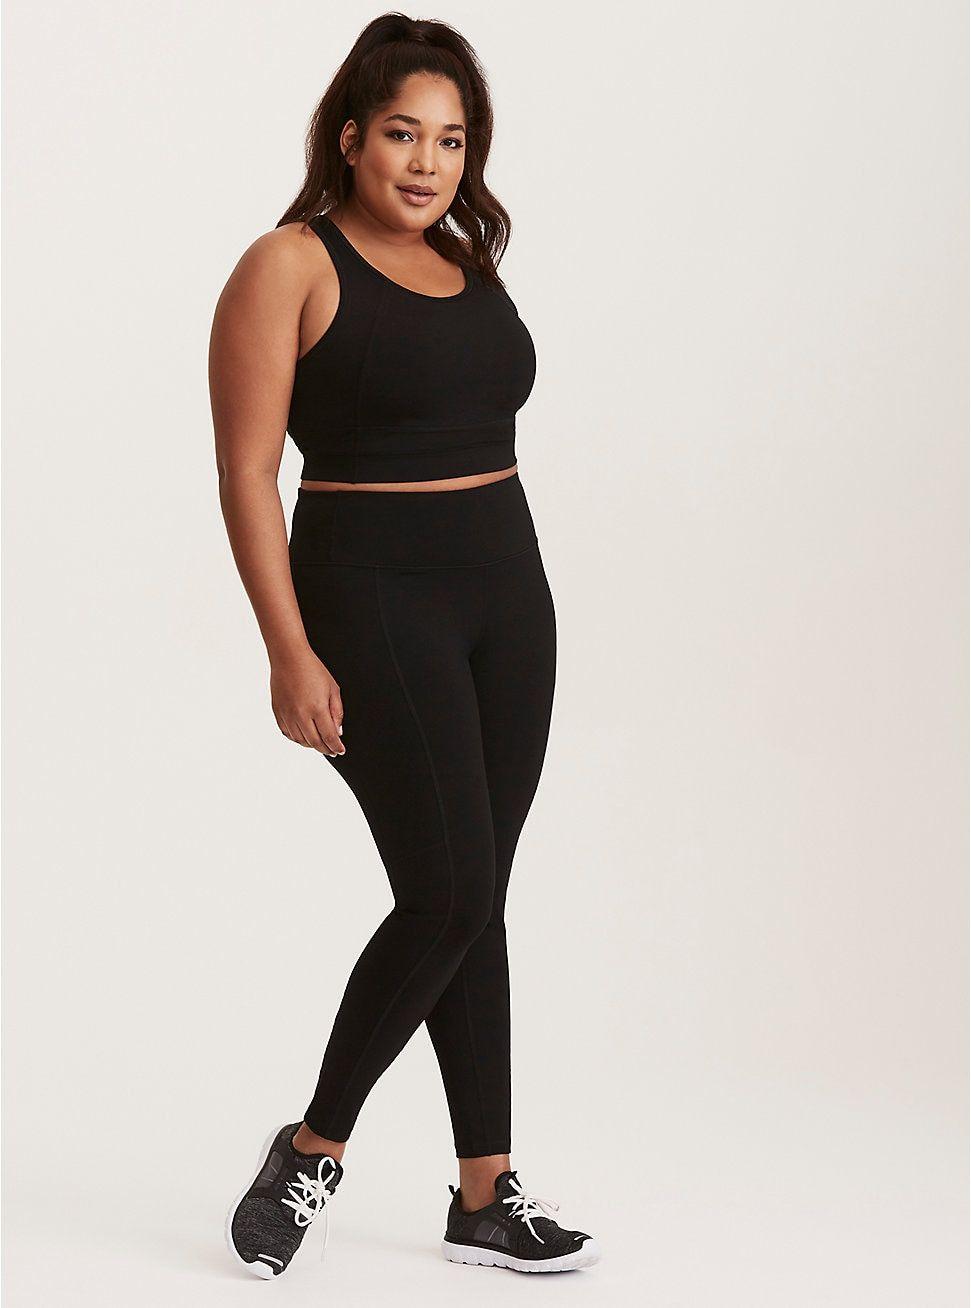 Black Longline Wicking Sports Bra Plus size sports bras